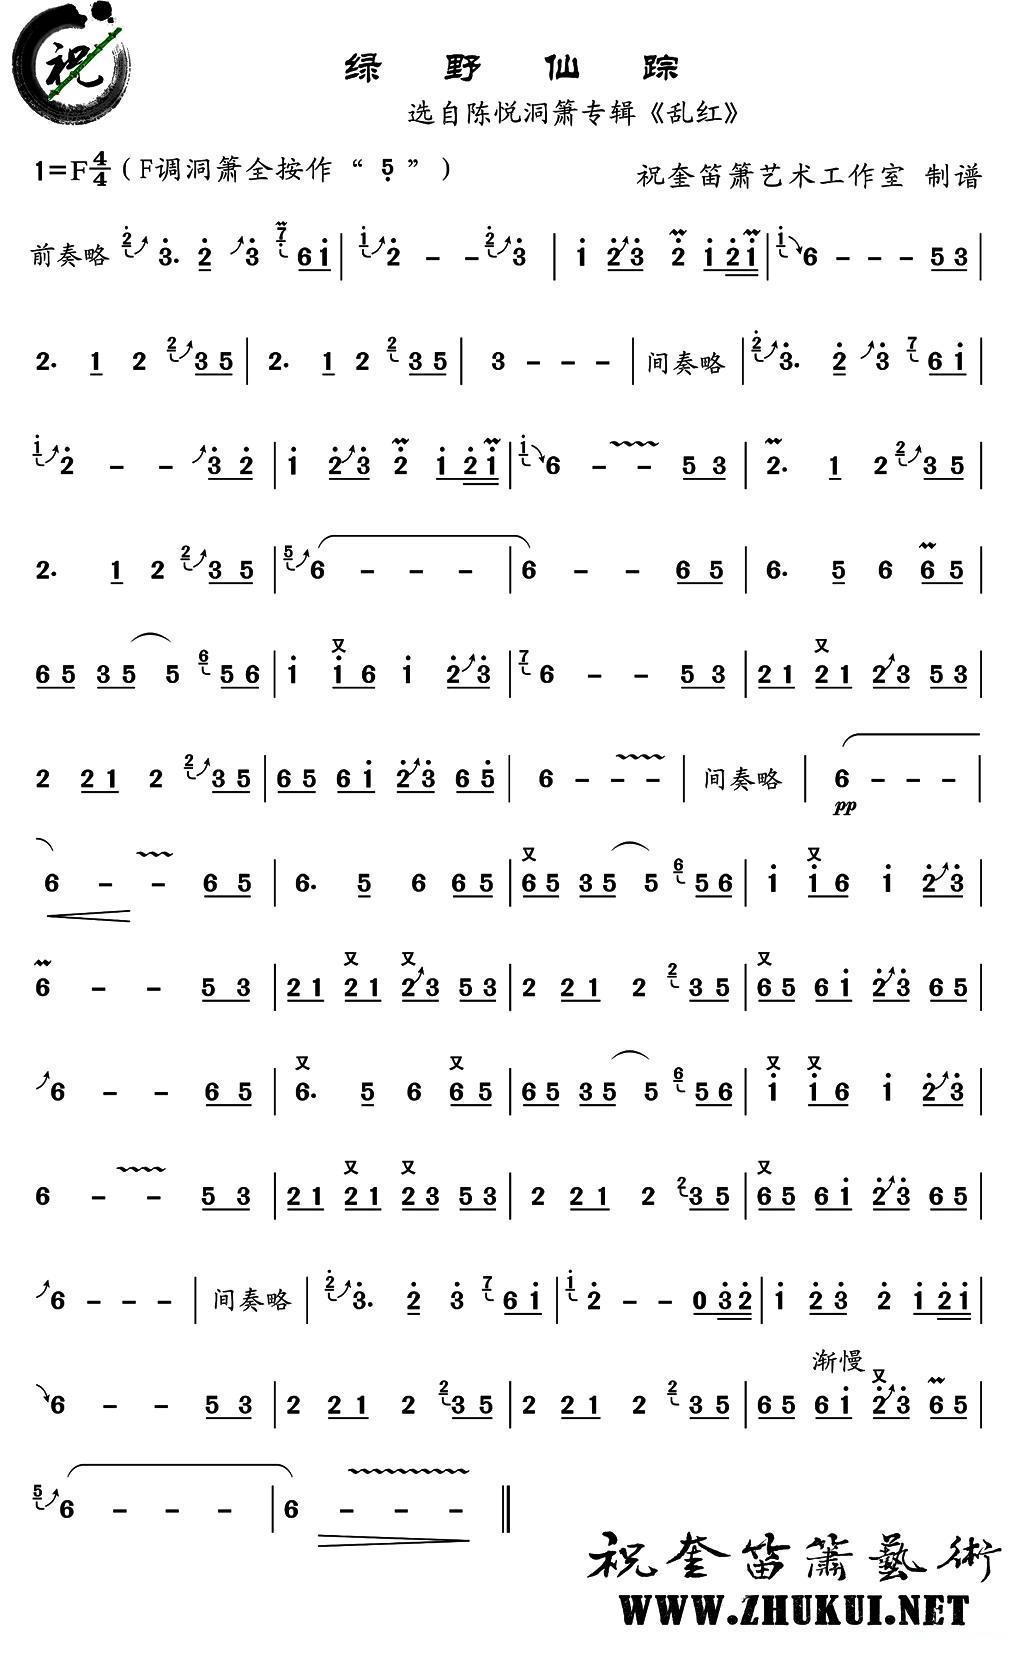 下载:绿野仙踪(洞箫)笛子(箫)曲谱(图1)-绿野仙踪 洞箫